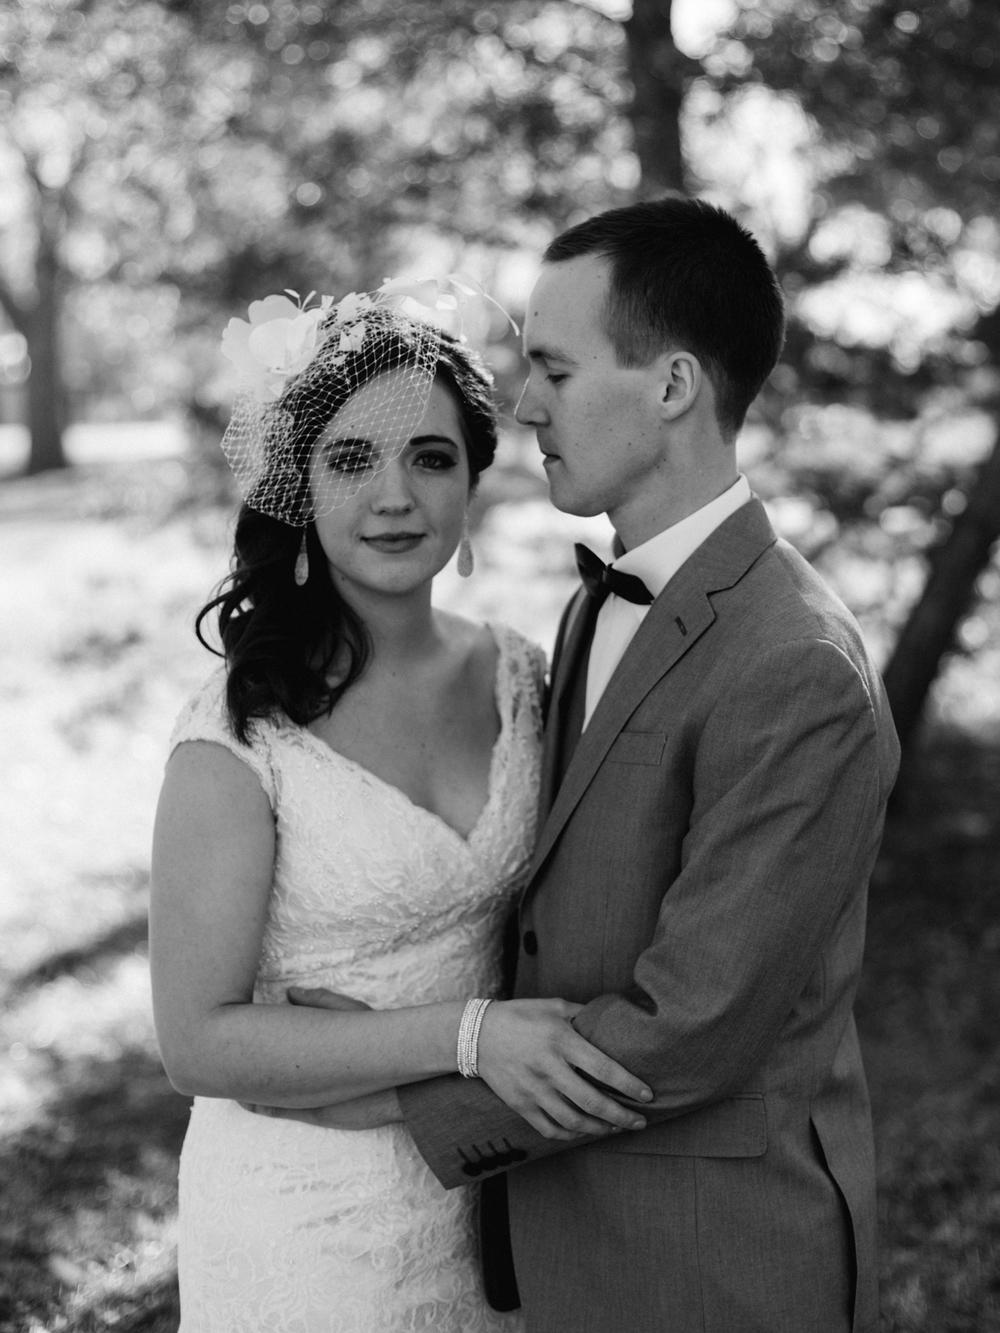 Garden City Wedding Photographer - Neal Dieker - Wichita, Kansas Wedding Photographer-145.jpg